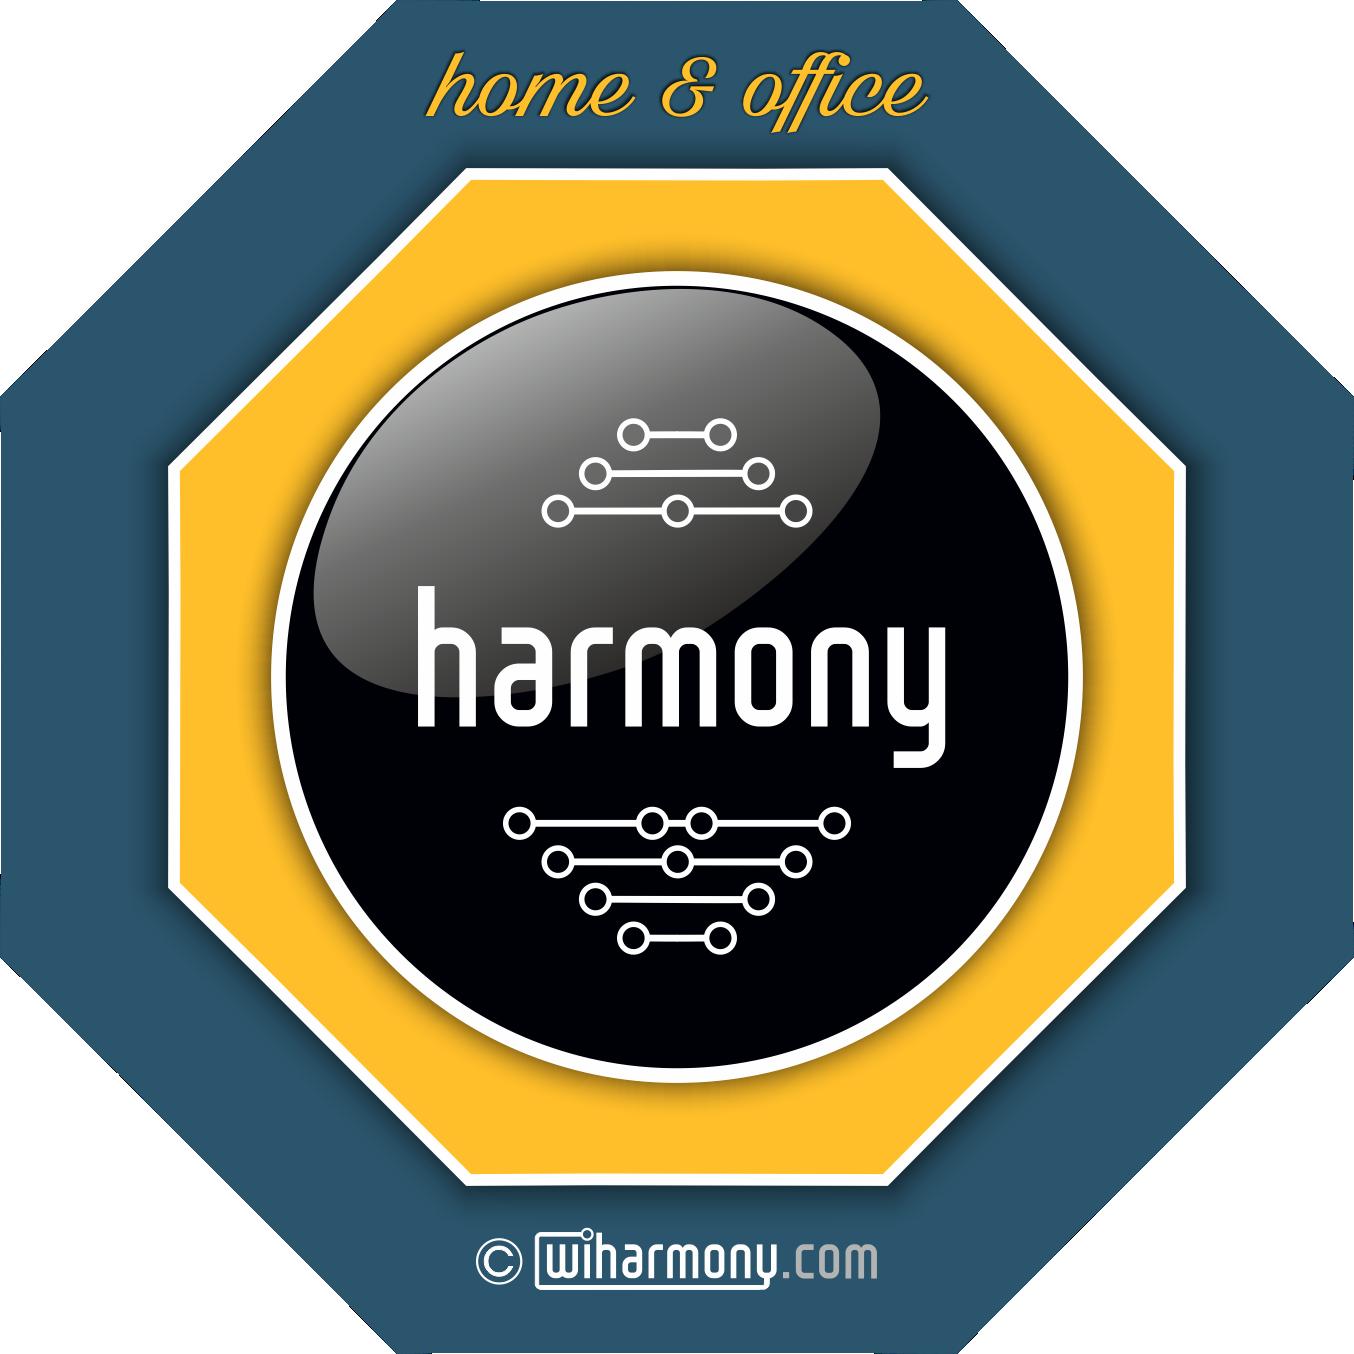 wiharmony Home & Office, schützt ganze Wohnungen und Büros vor Elektrosmog